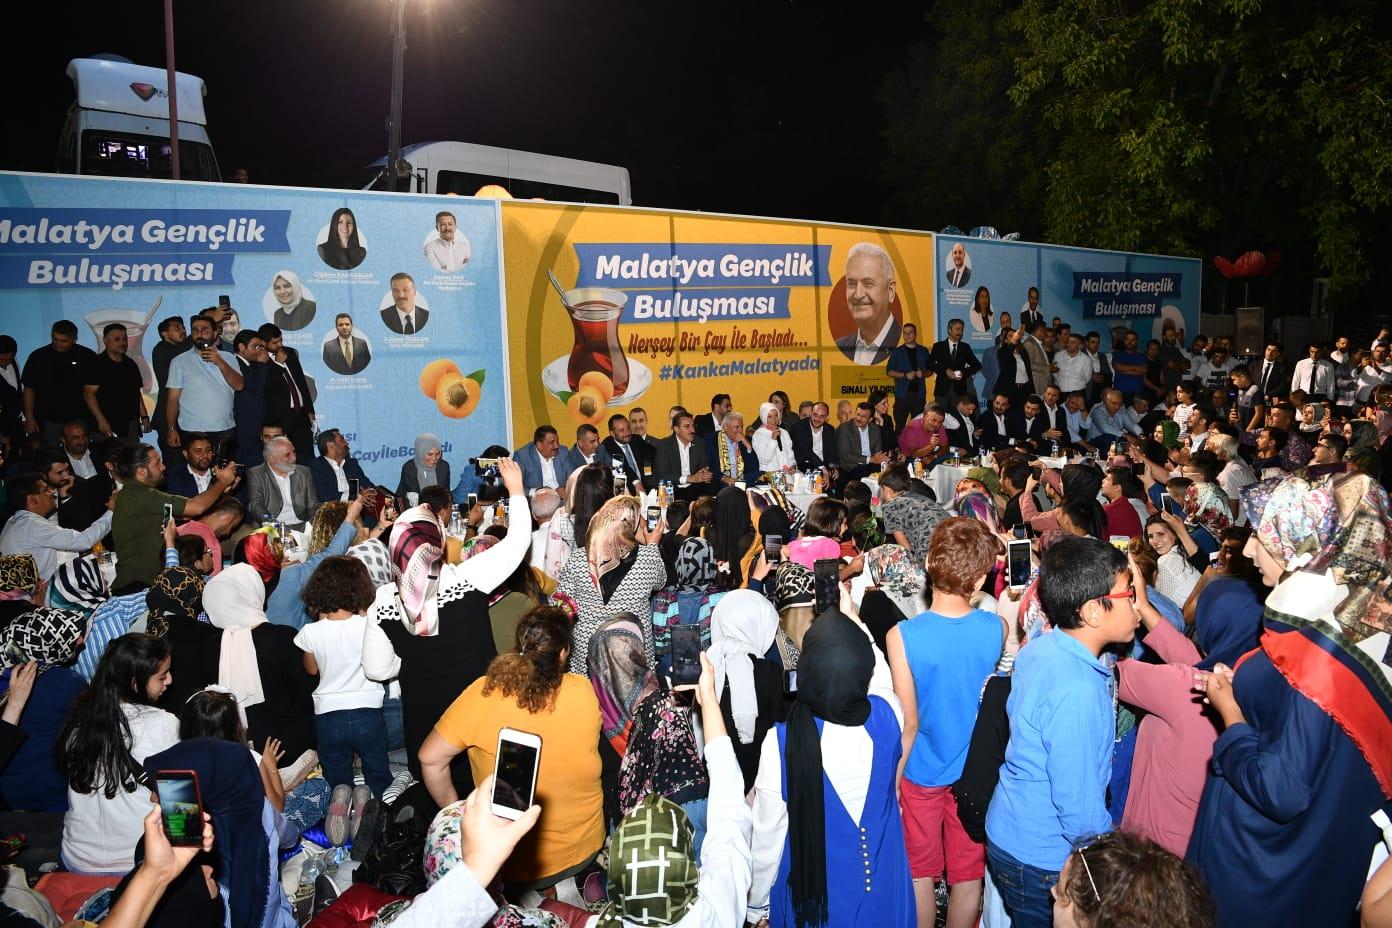 AKP İzmir Milletvekili Binali Yıldırım, Malatya'daki temasları kapsamında, Battalgazi Çınar Park'ta yaklaşık 5 bin gençle bir araya geldi. Yıldırım, diğer katılımcılarla birlikte türkü söyledikten sonra, gençlerin isteği üzerine telefonla Cumhurbaşkanı Recep Tayyip Erdoğan'ı aradı.